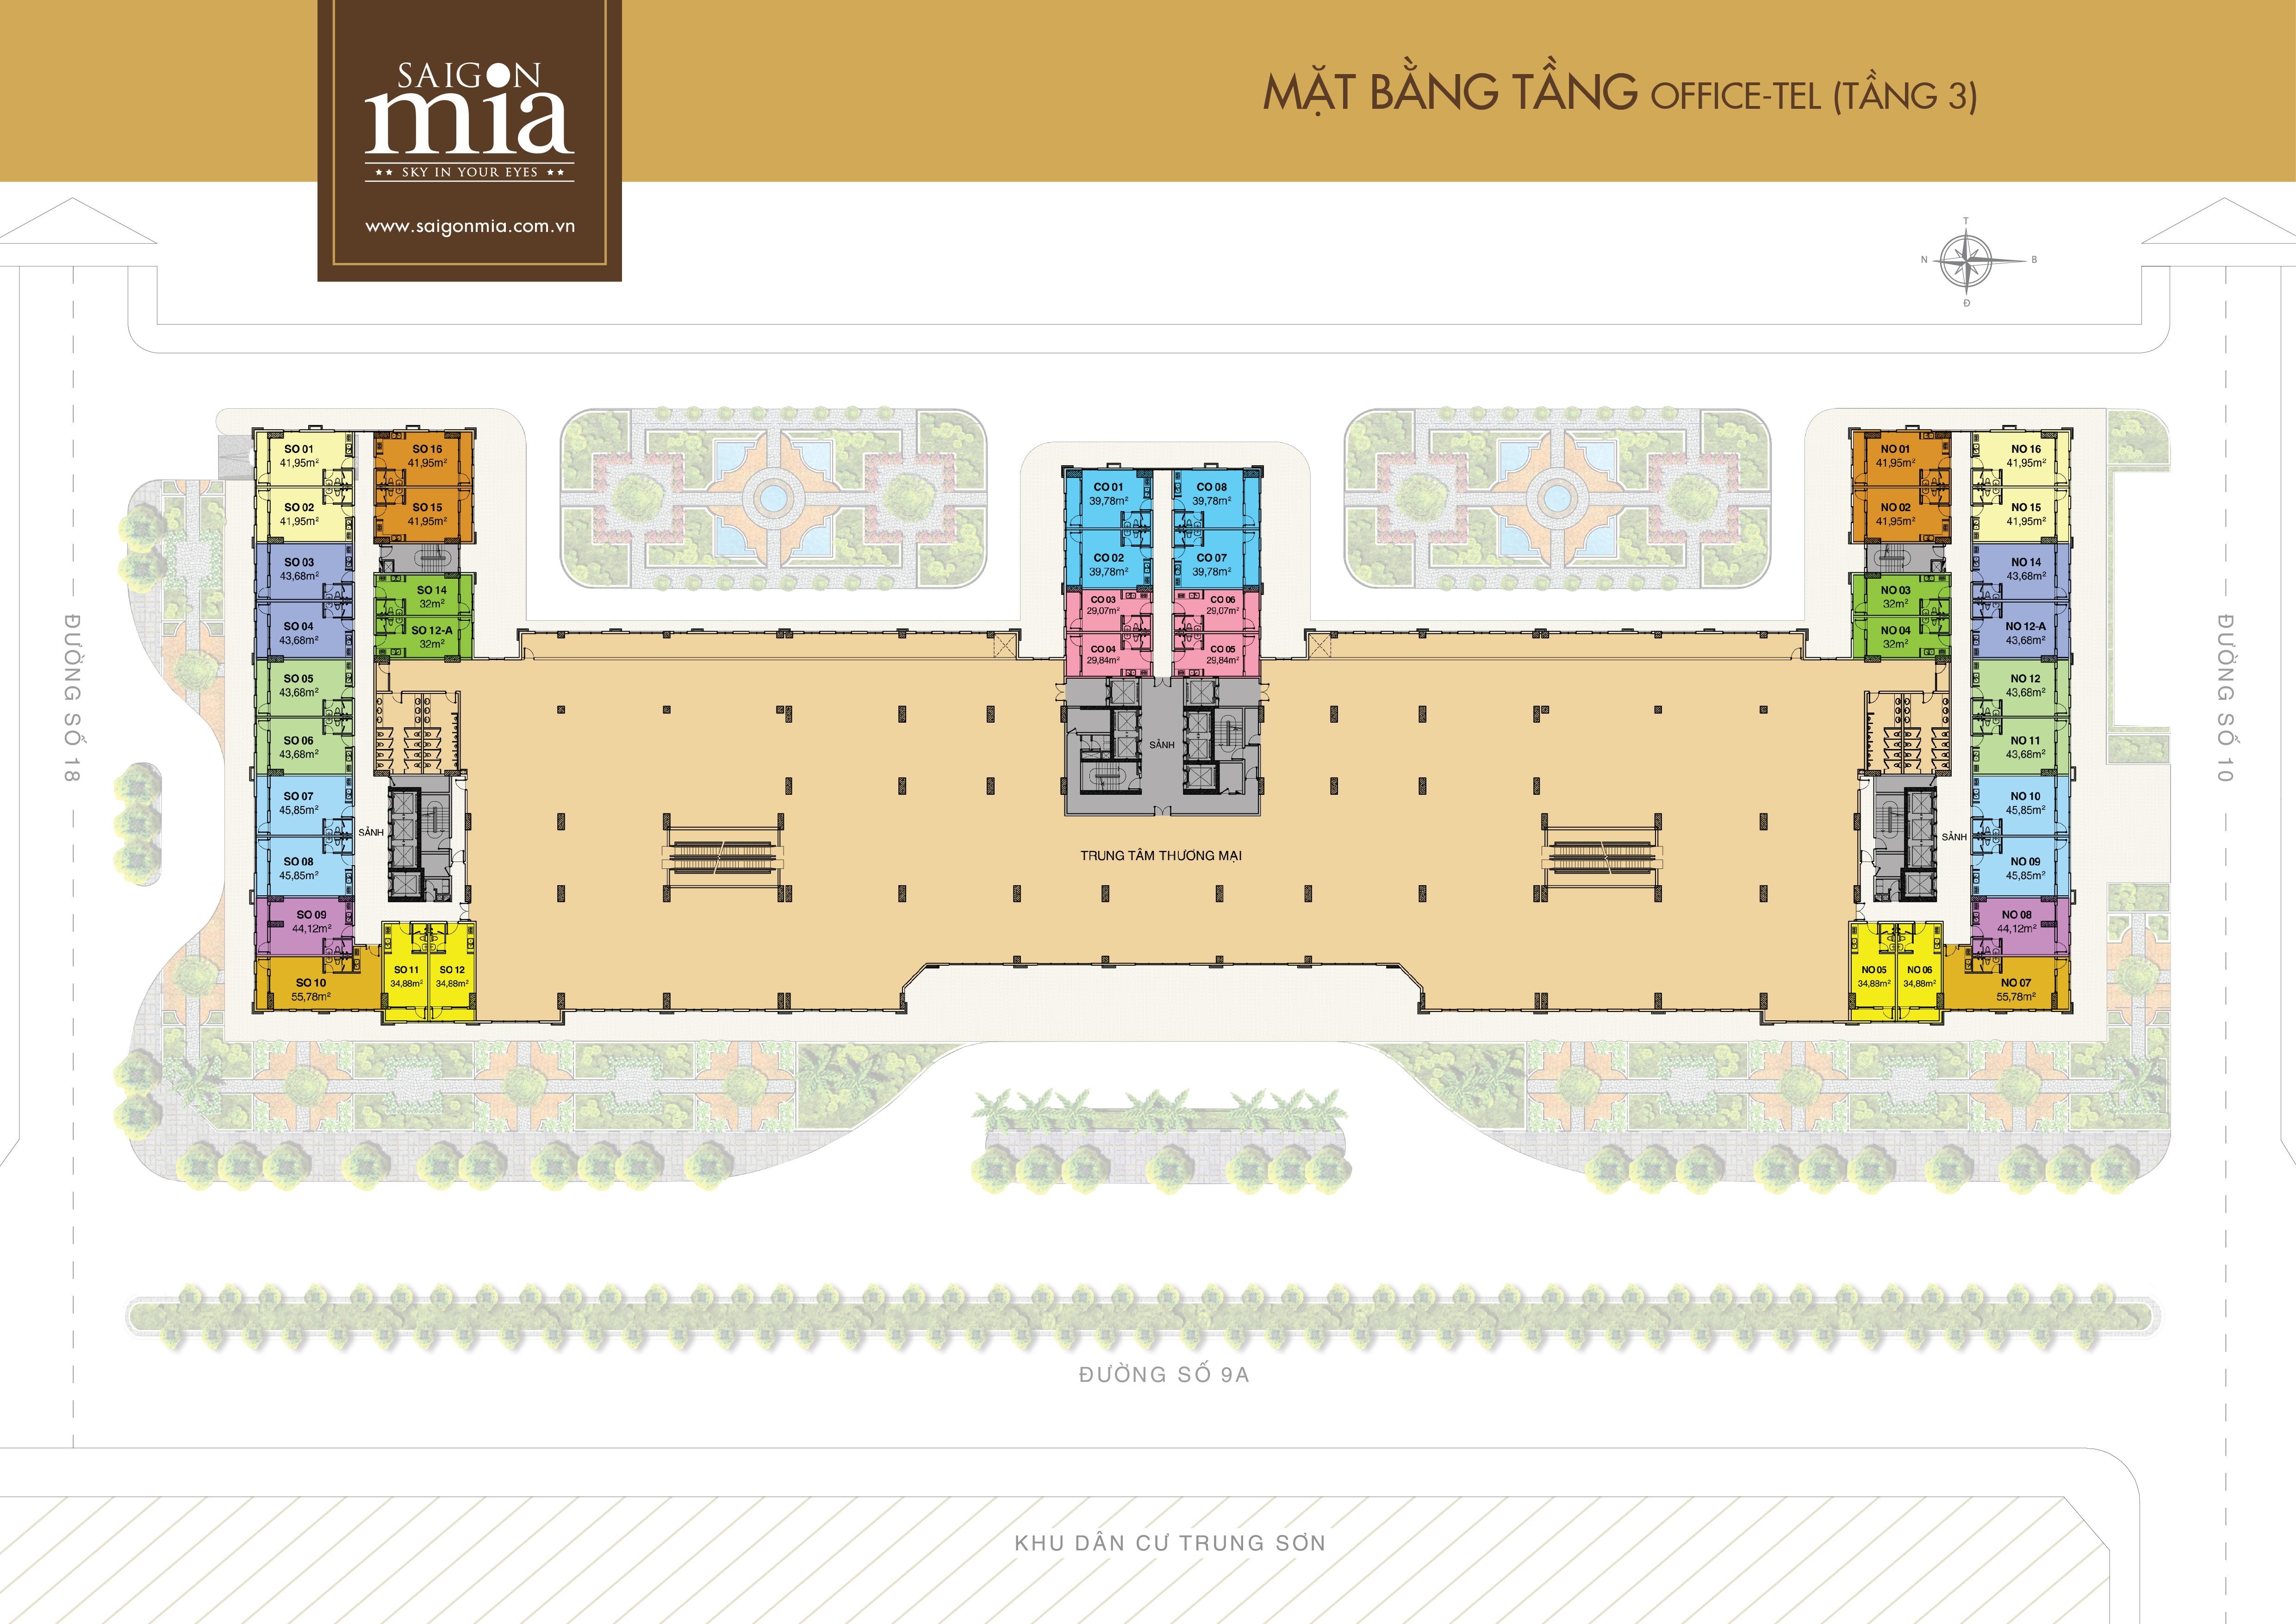 SAIGON MIA được thiết kế theo trường phái KIẾN TRÚC PHÁP tạo được sự hài hòa về kiến trúc, mỹ thuật, sang trọng cùng nhiều tiện ích hiện đại, mang đến cho cư dân không gian sống nghỉ dưỡng giữa lòng thành phố sôi động